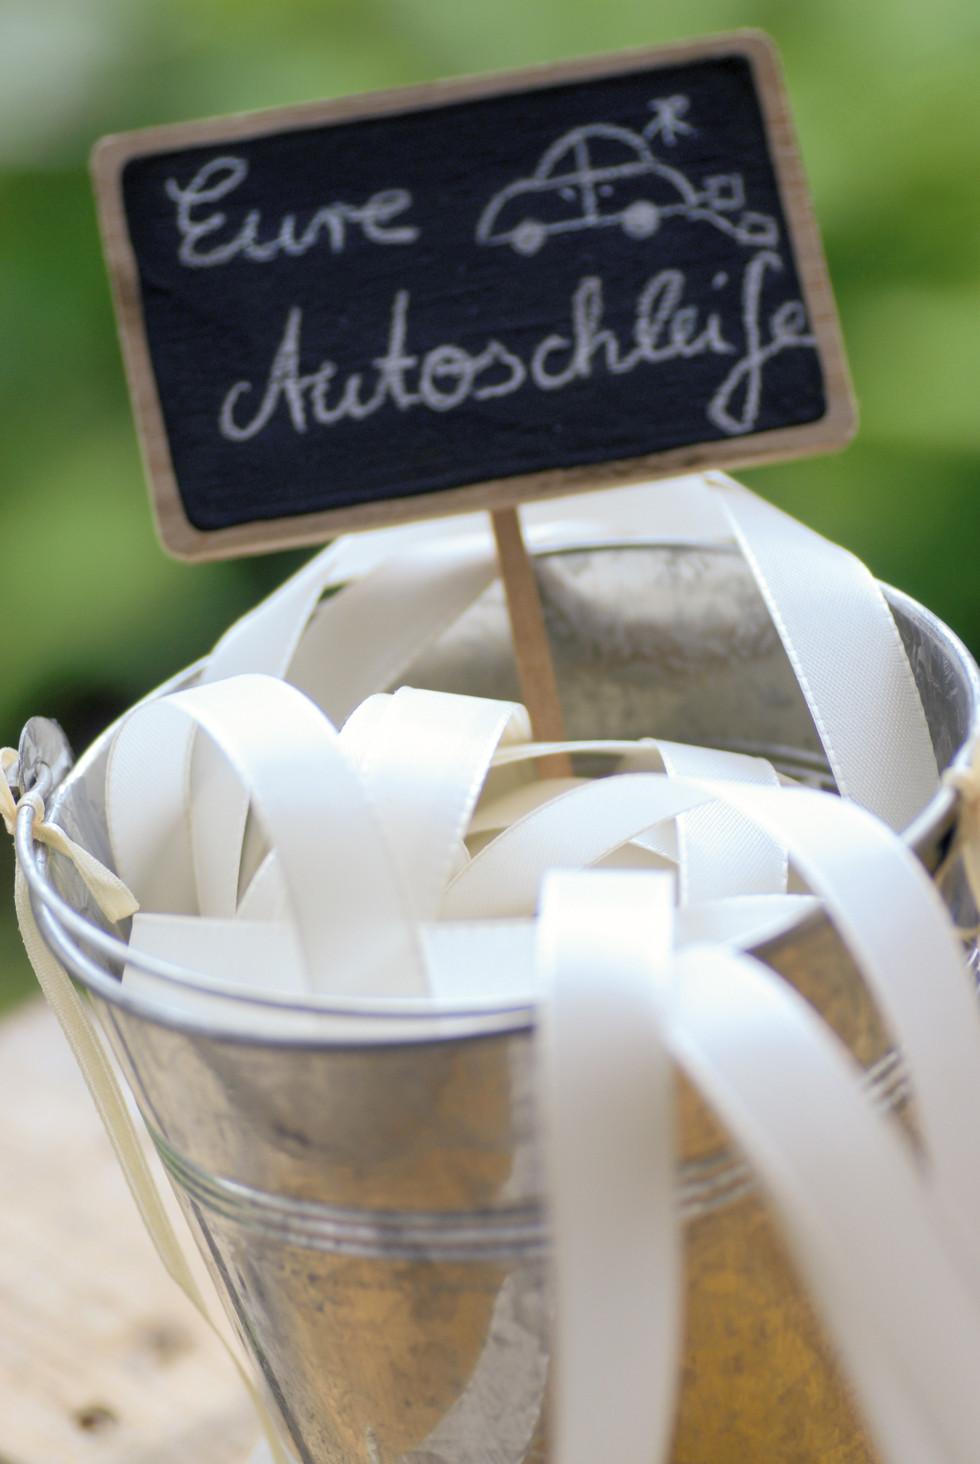 Schleifen Für Auto Hochzeit  Autoschleifen Hochzeit Anleitung zum Selbermachen